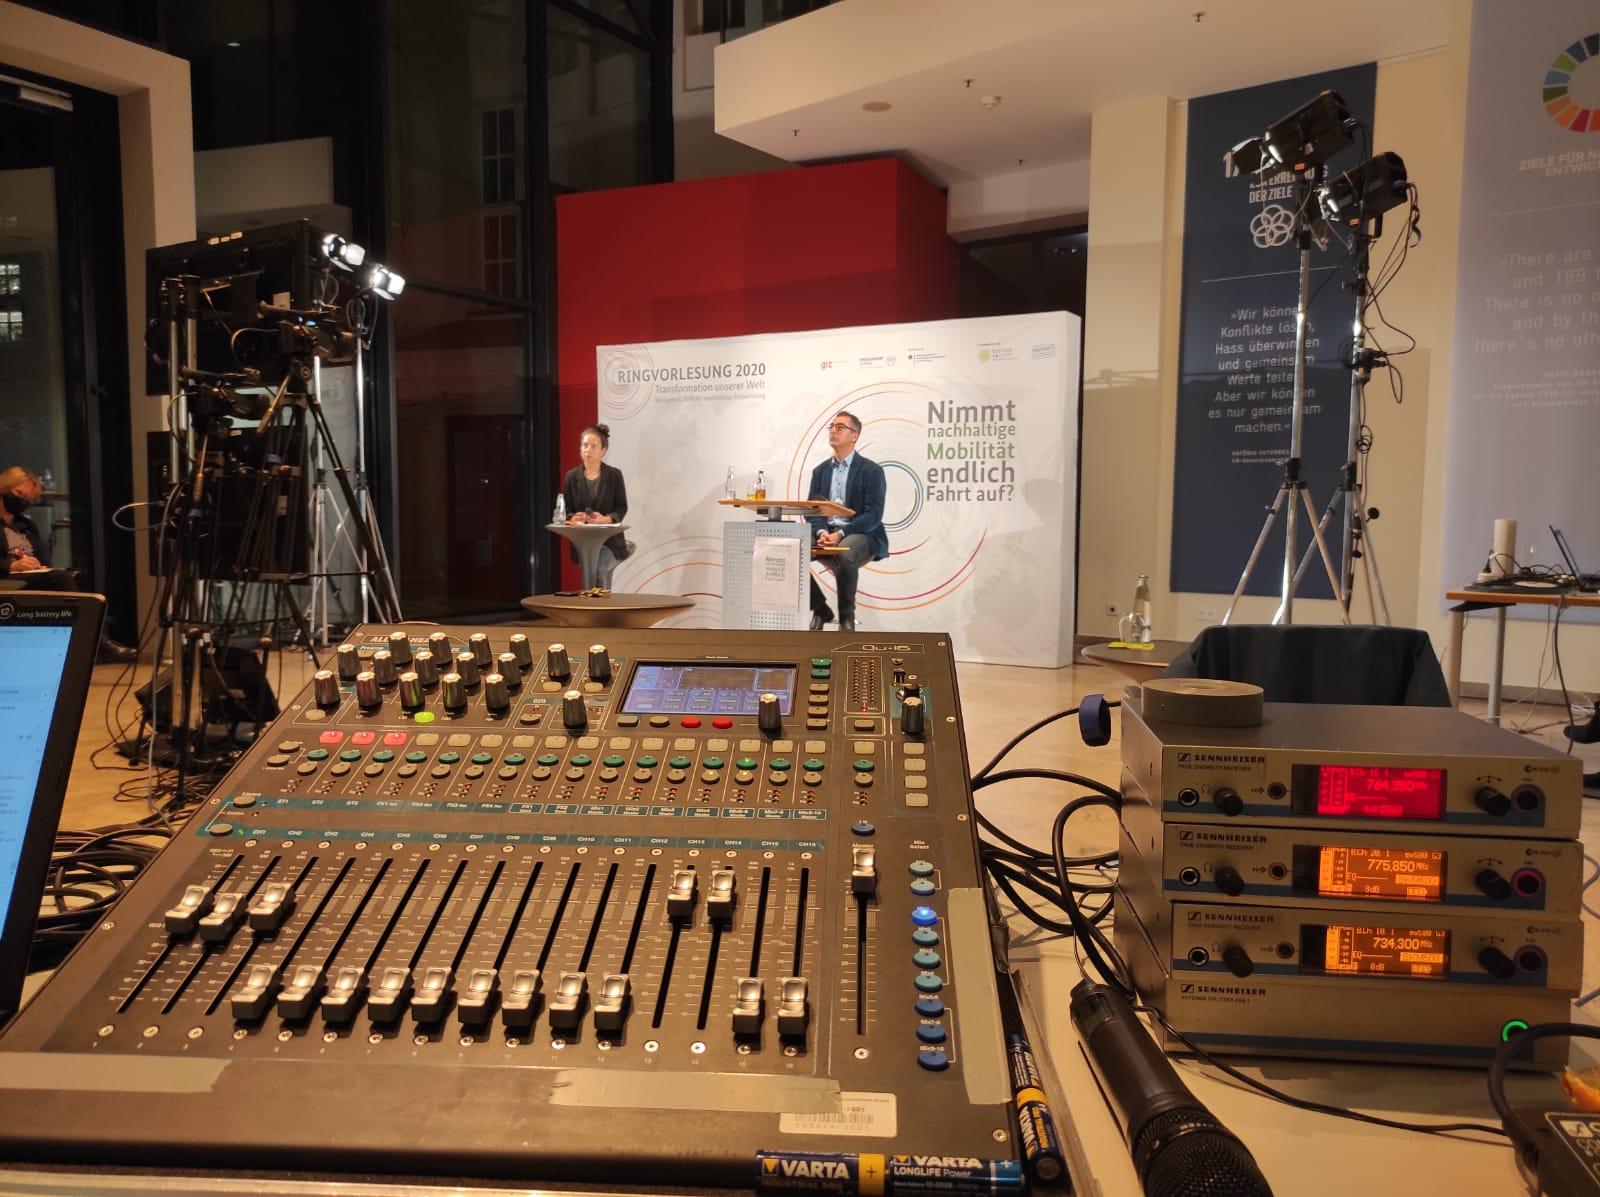 Streaming Ihrer Veranstaltung ins Internet hybride Events virtuelle Veranstaltungen Berlin